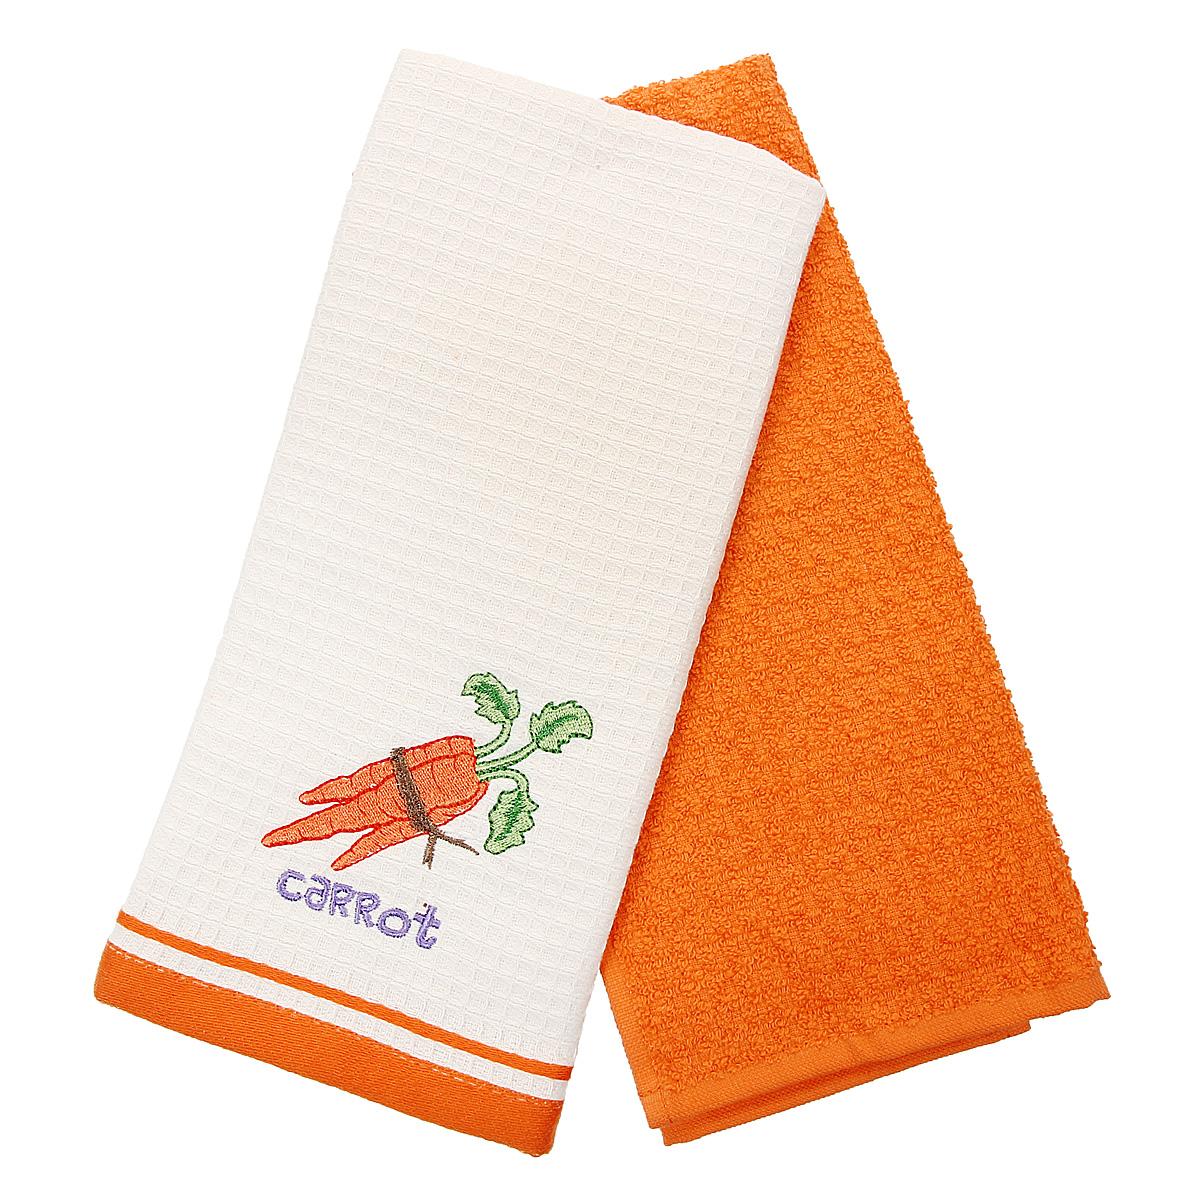 """Набор кухонных полотенец Coronet """"Морковь"""", цвет: оранжевый, бежевый, 40 х 60 см, 2 шт"""